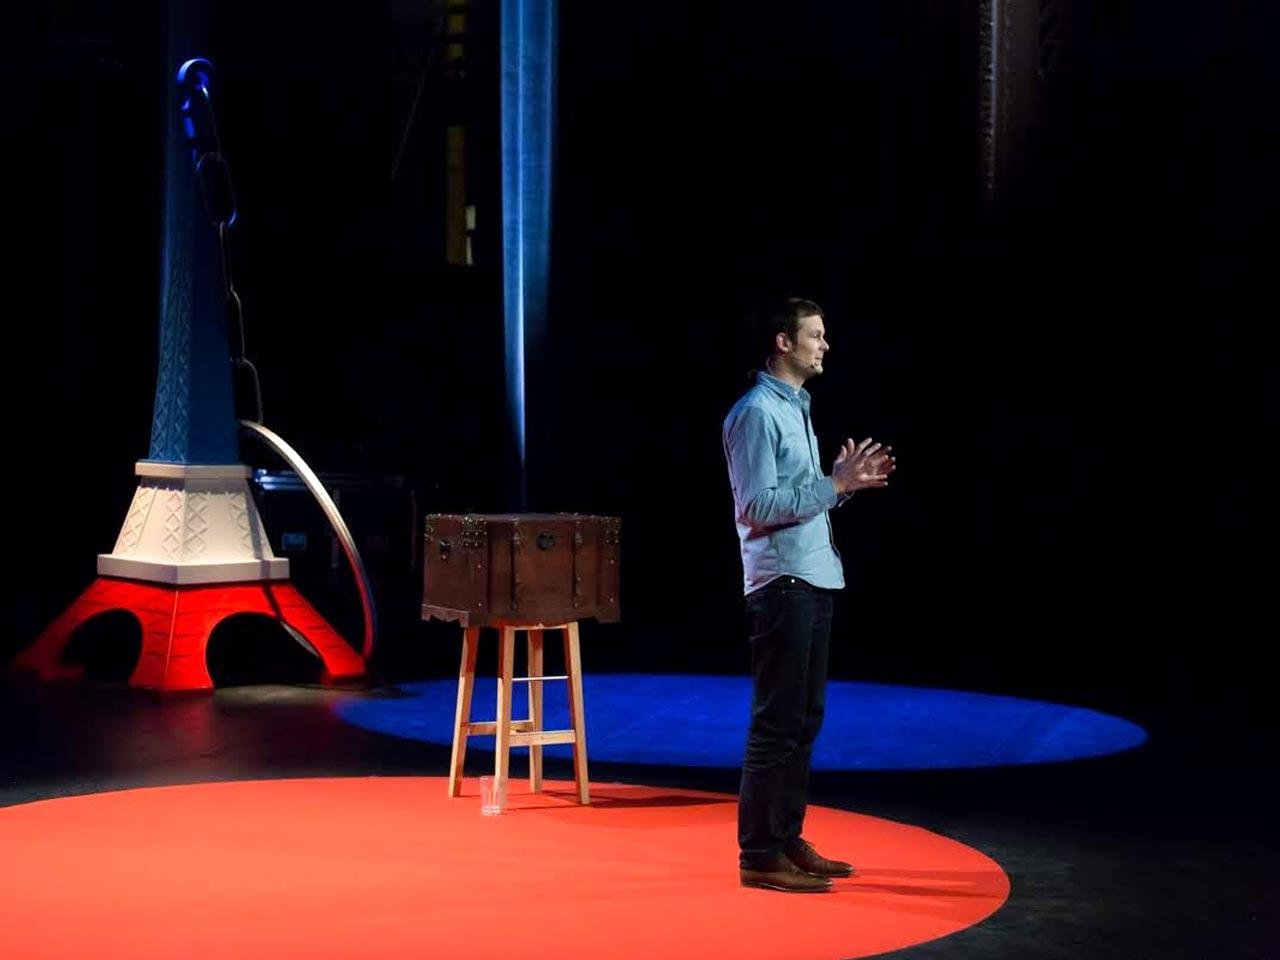 À Propos - TEDxParis est une communauté d'engagés, d'inspirés, d'actifs, d'optimistes récidivistes et d'utopistes crédibles.En savoir +